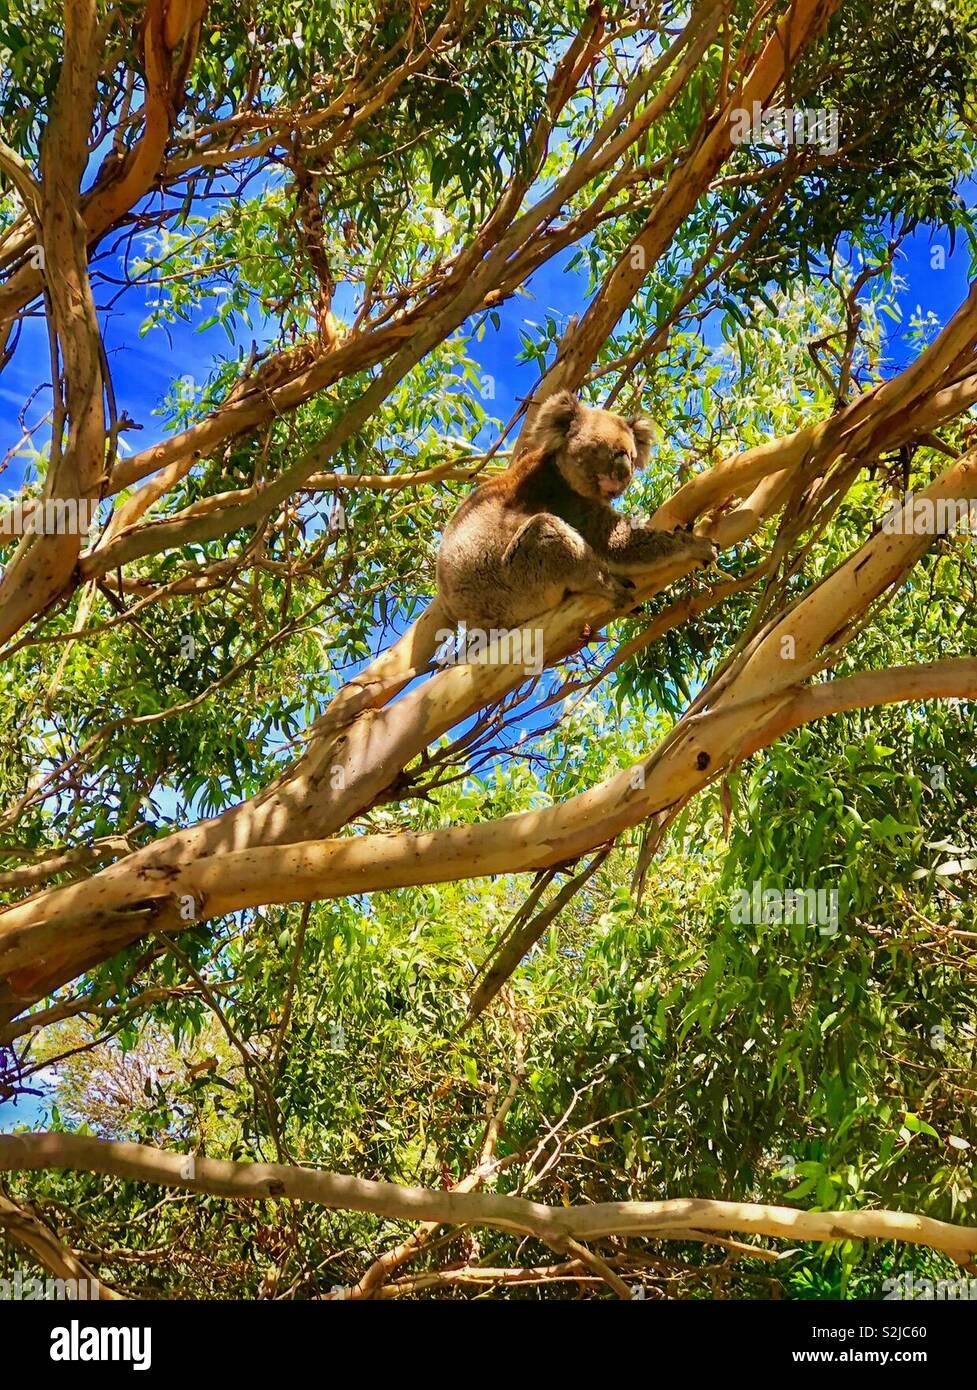 El Koala en el árbol. Imagen De Stock